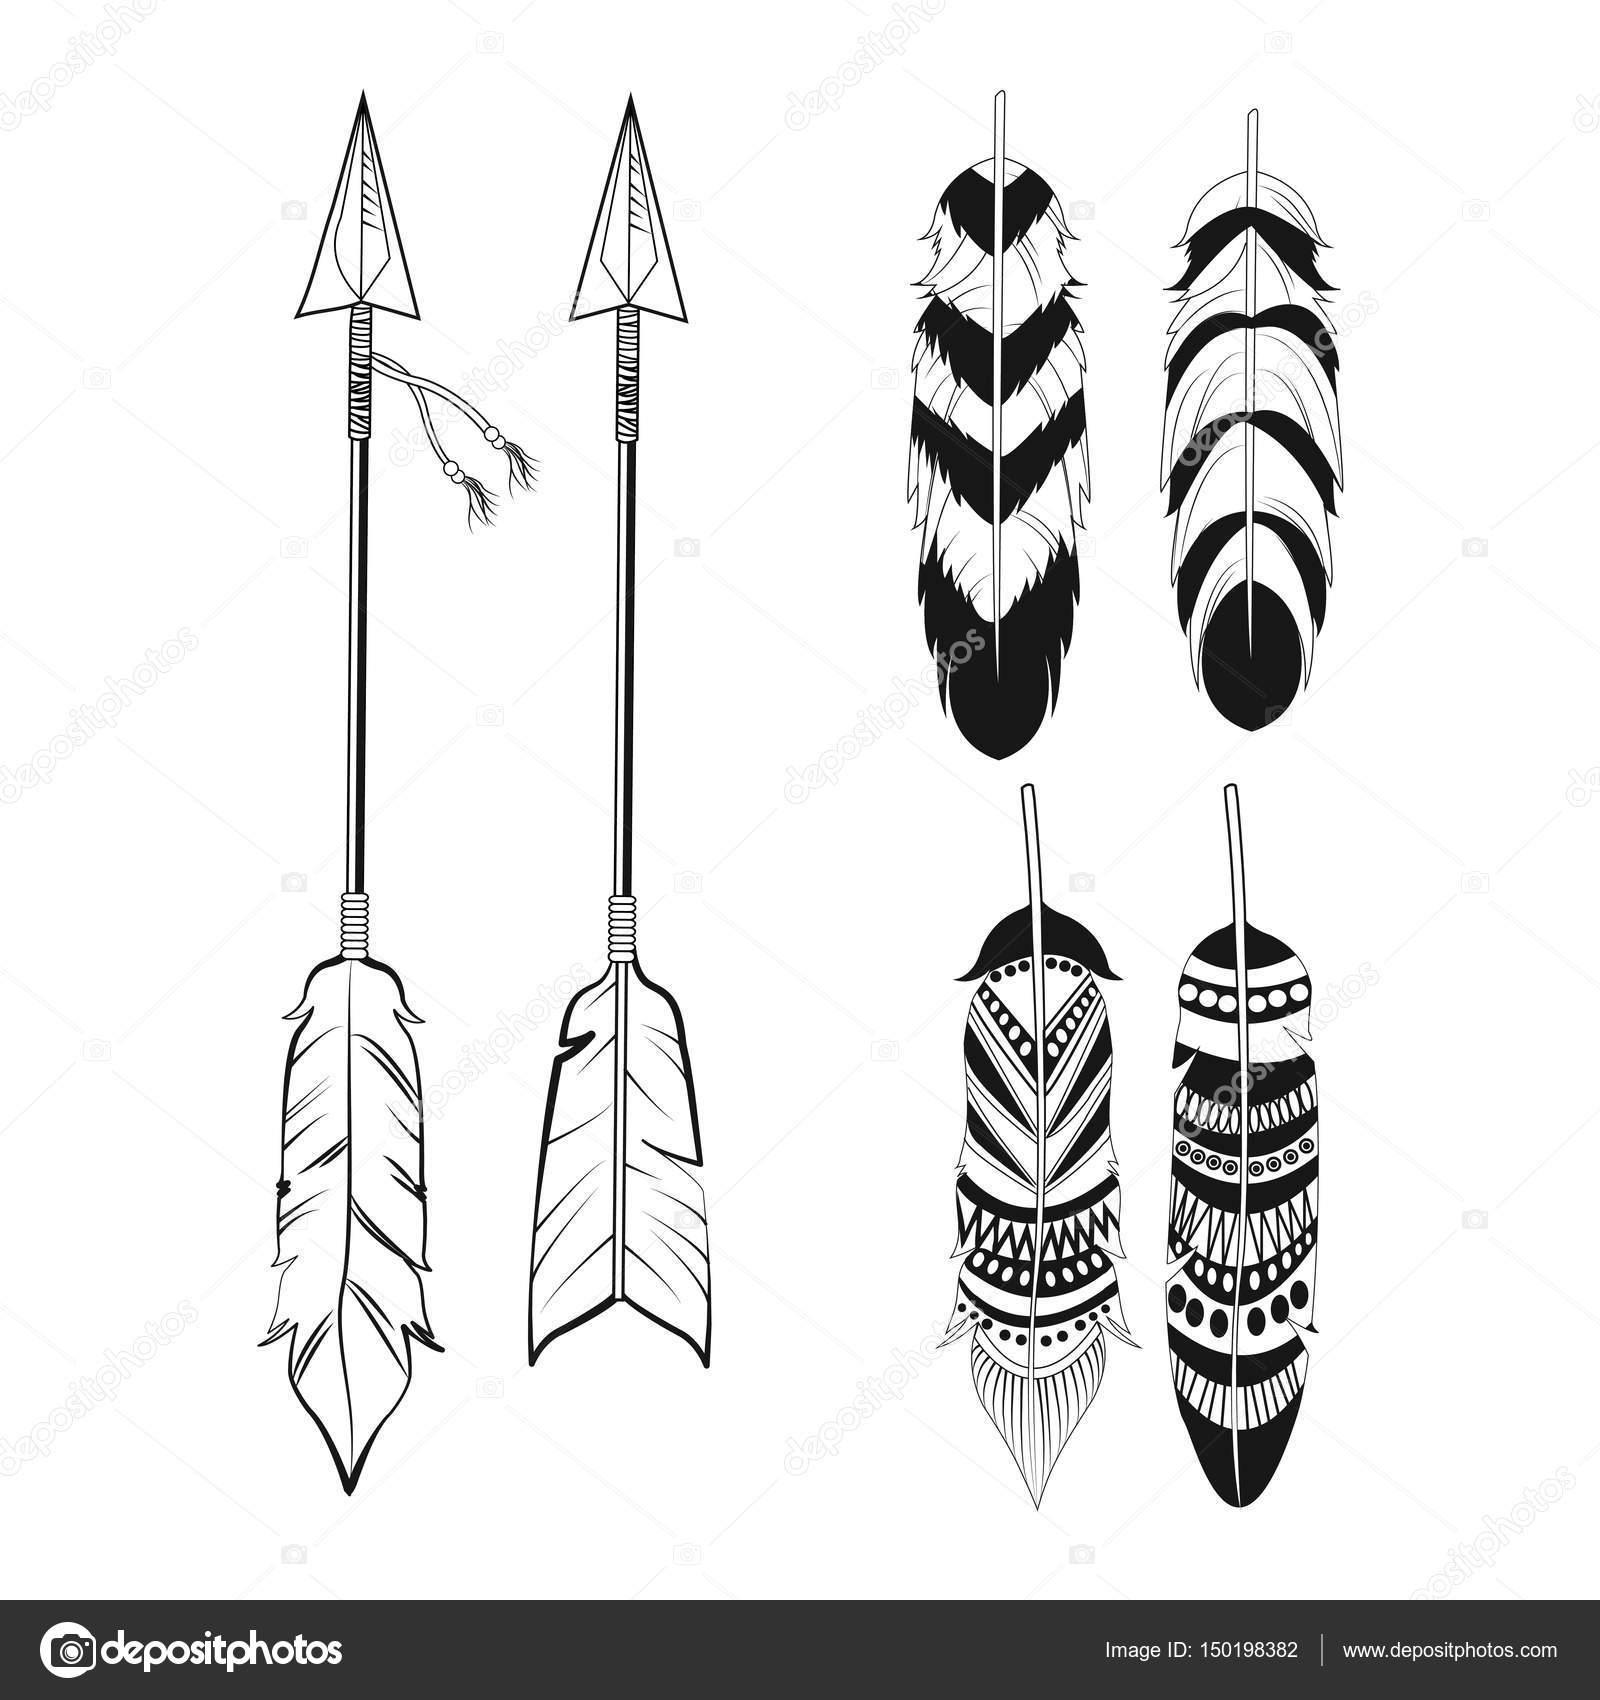 自由な精神の羽と矢の飾り ストックベクター Jemastock 150198382